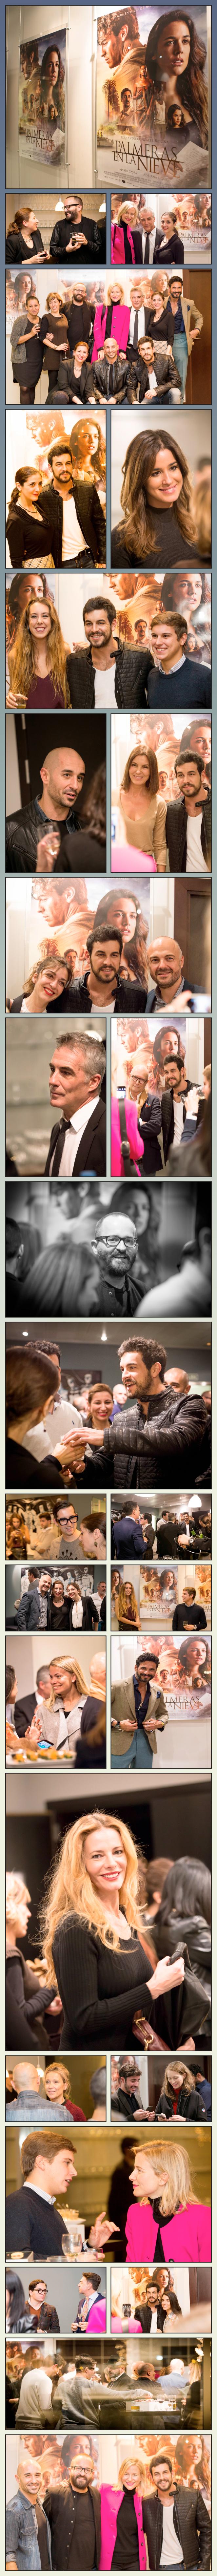 María León organizó el preestreno exclusivo de esta gran película para reconocidos influencers al que también asistieron el director Fernando Gónzález Molina y los actores Mario Casas y Alain Hernández